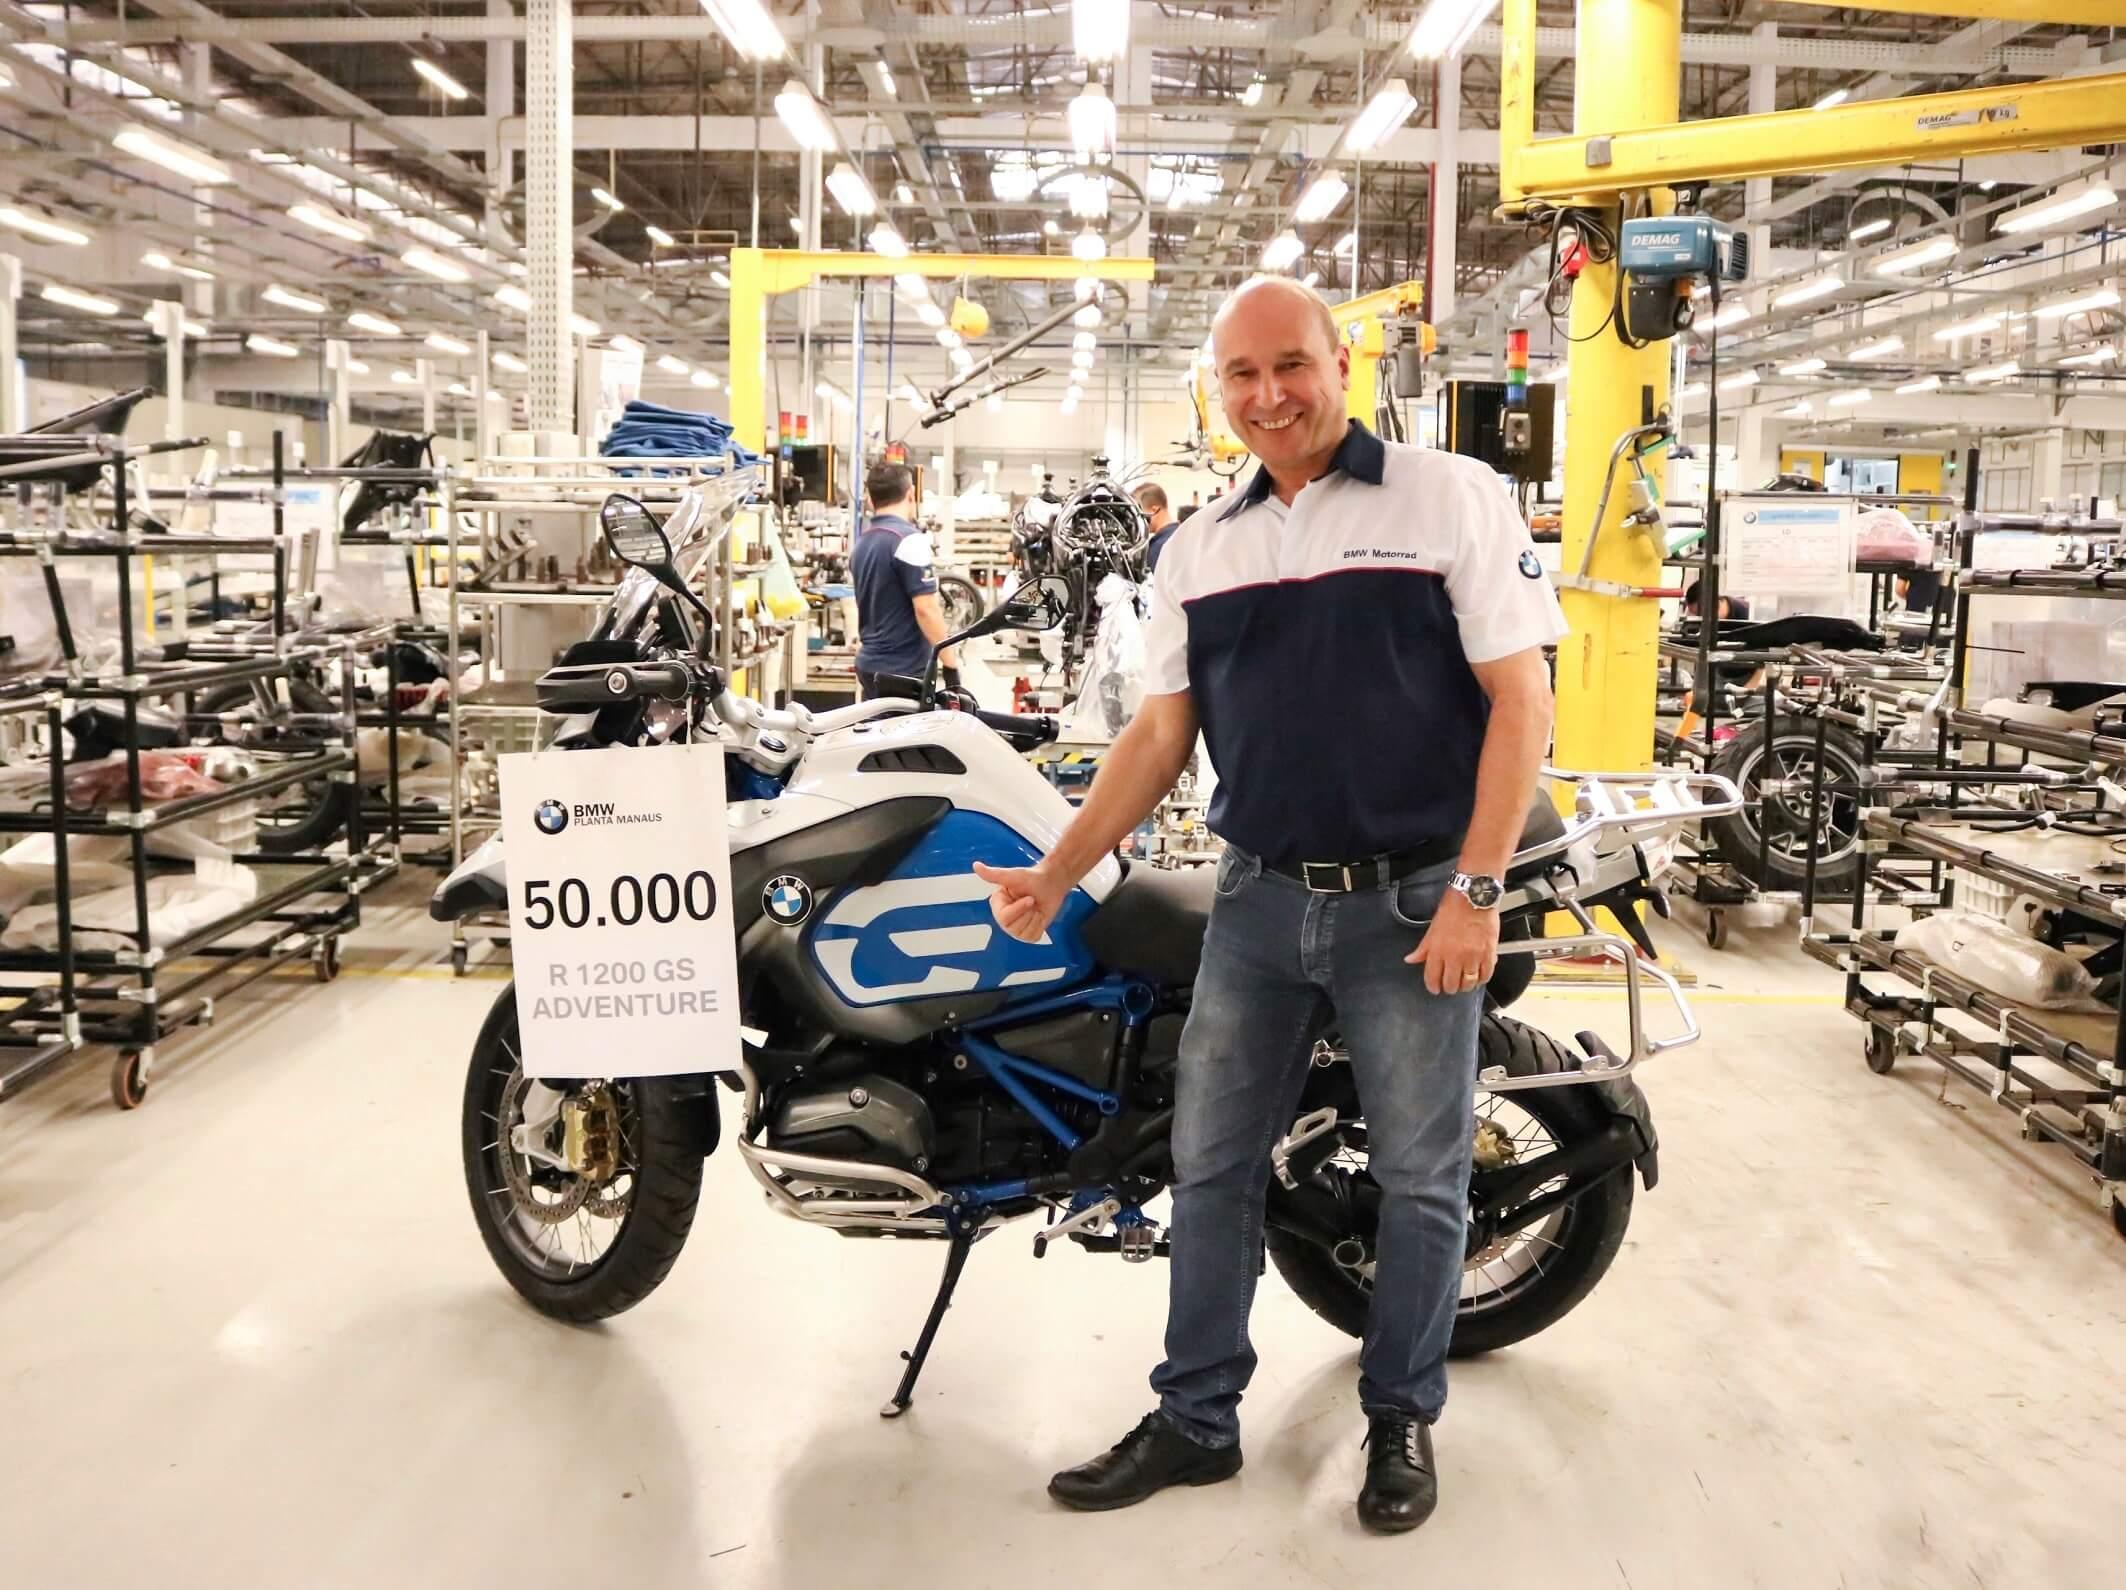 No final de outubro, a BMW comemorou 50 mil motos produzidas no Brasil com uma R 1200GS Adventure